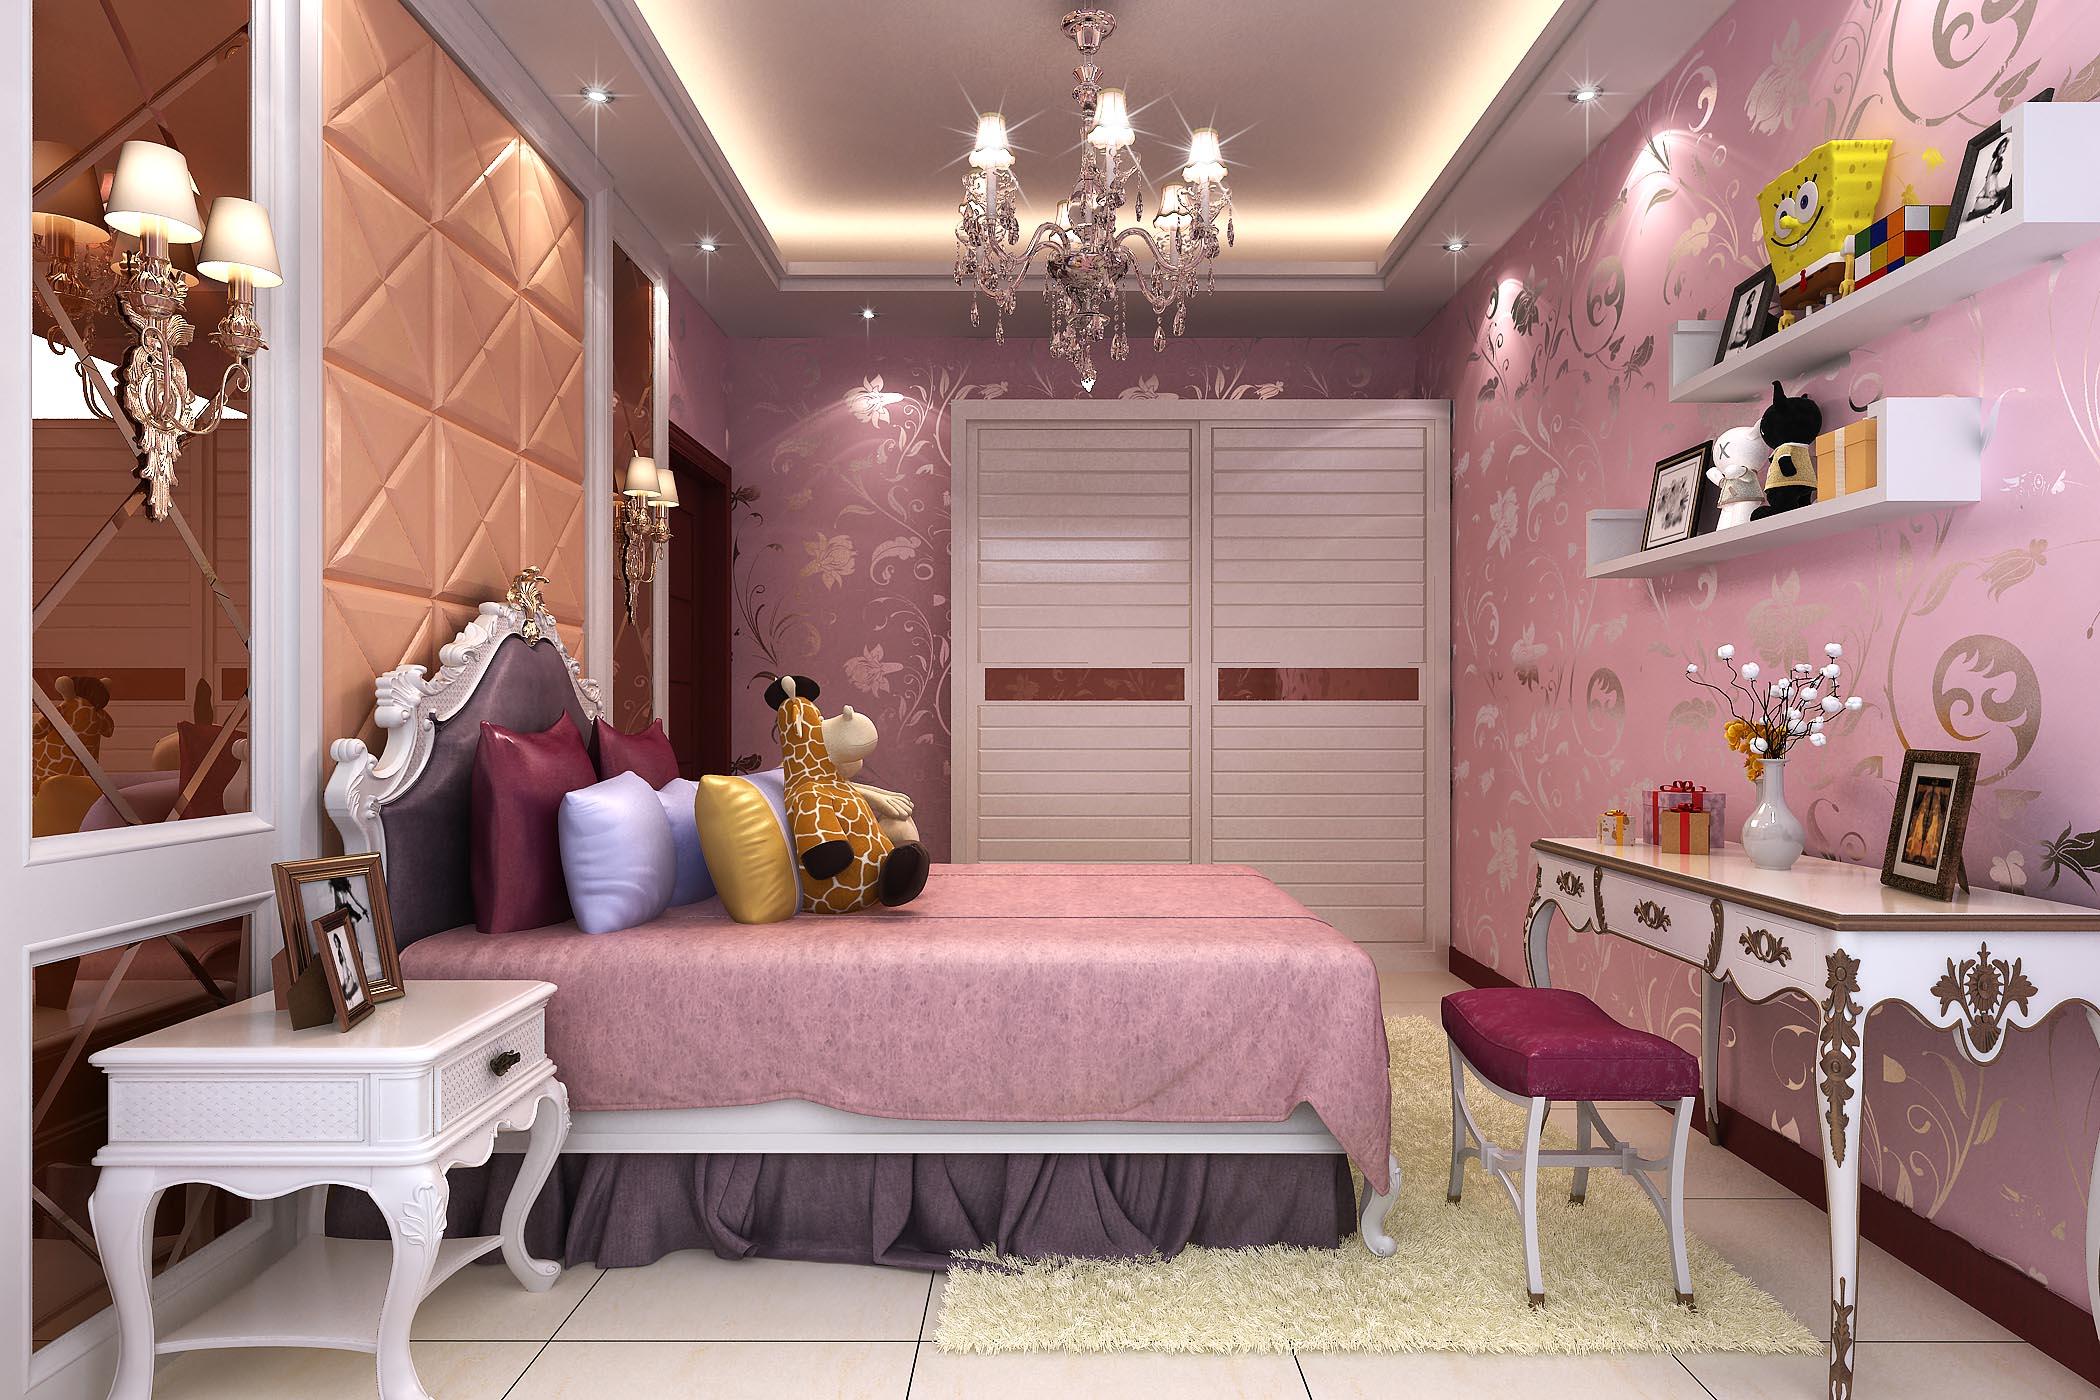 卧室效果图_新度品牌空间设计有限公司案例展示_一品